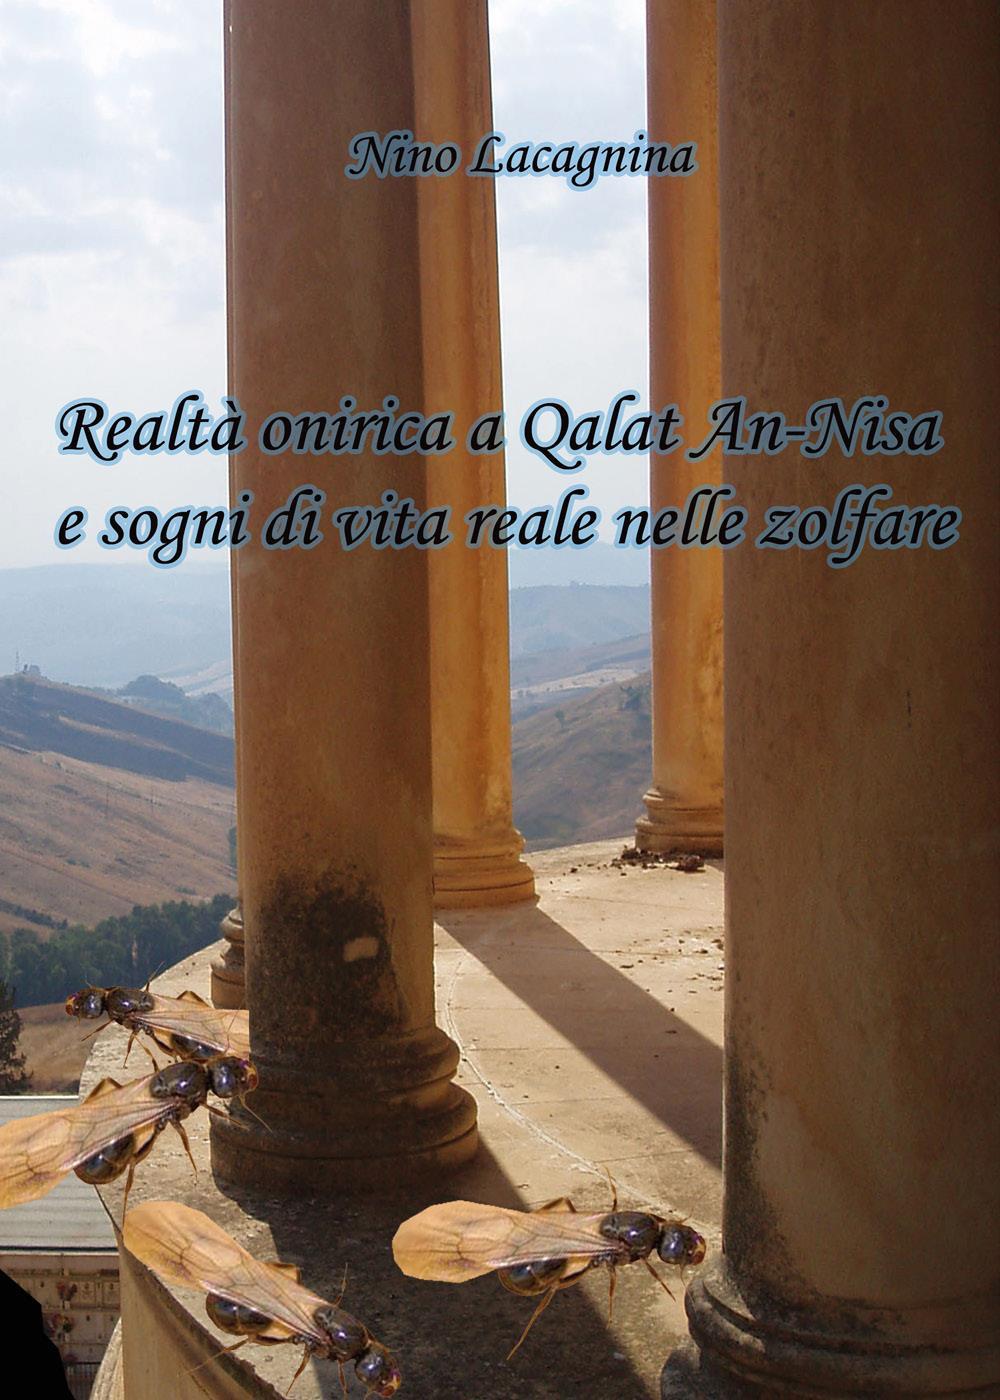 Realtà onirica a Qalat An-Nisa e sogni di vita reale nelle zolfare